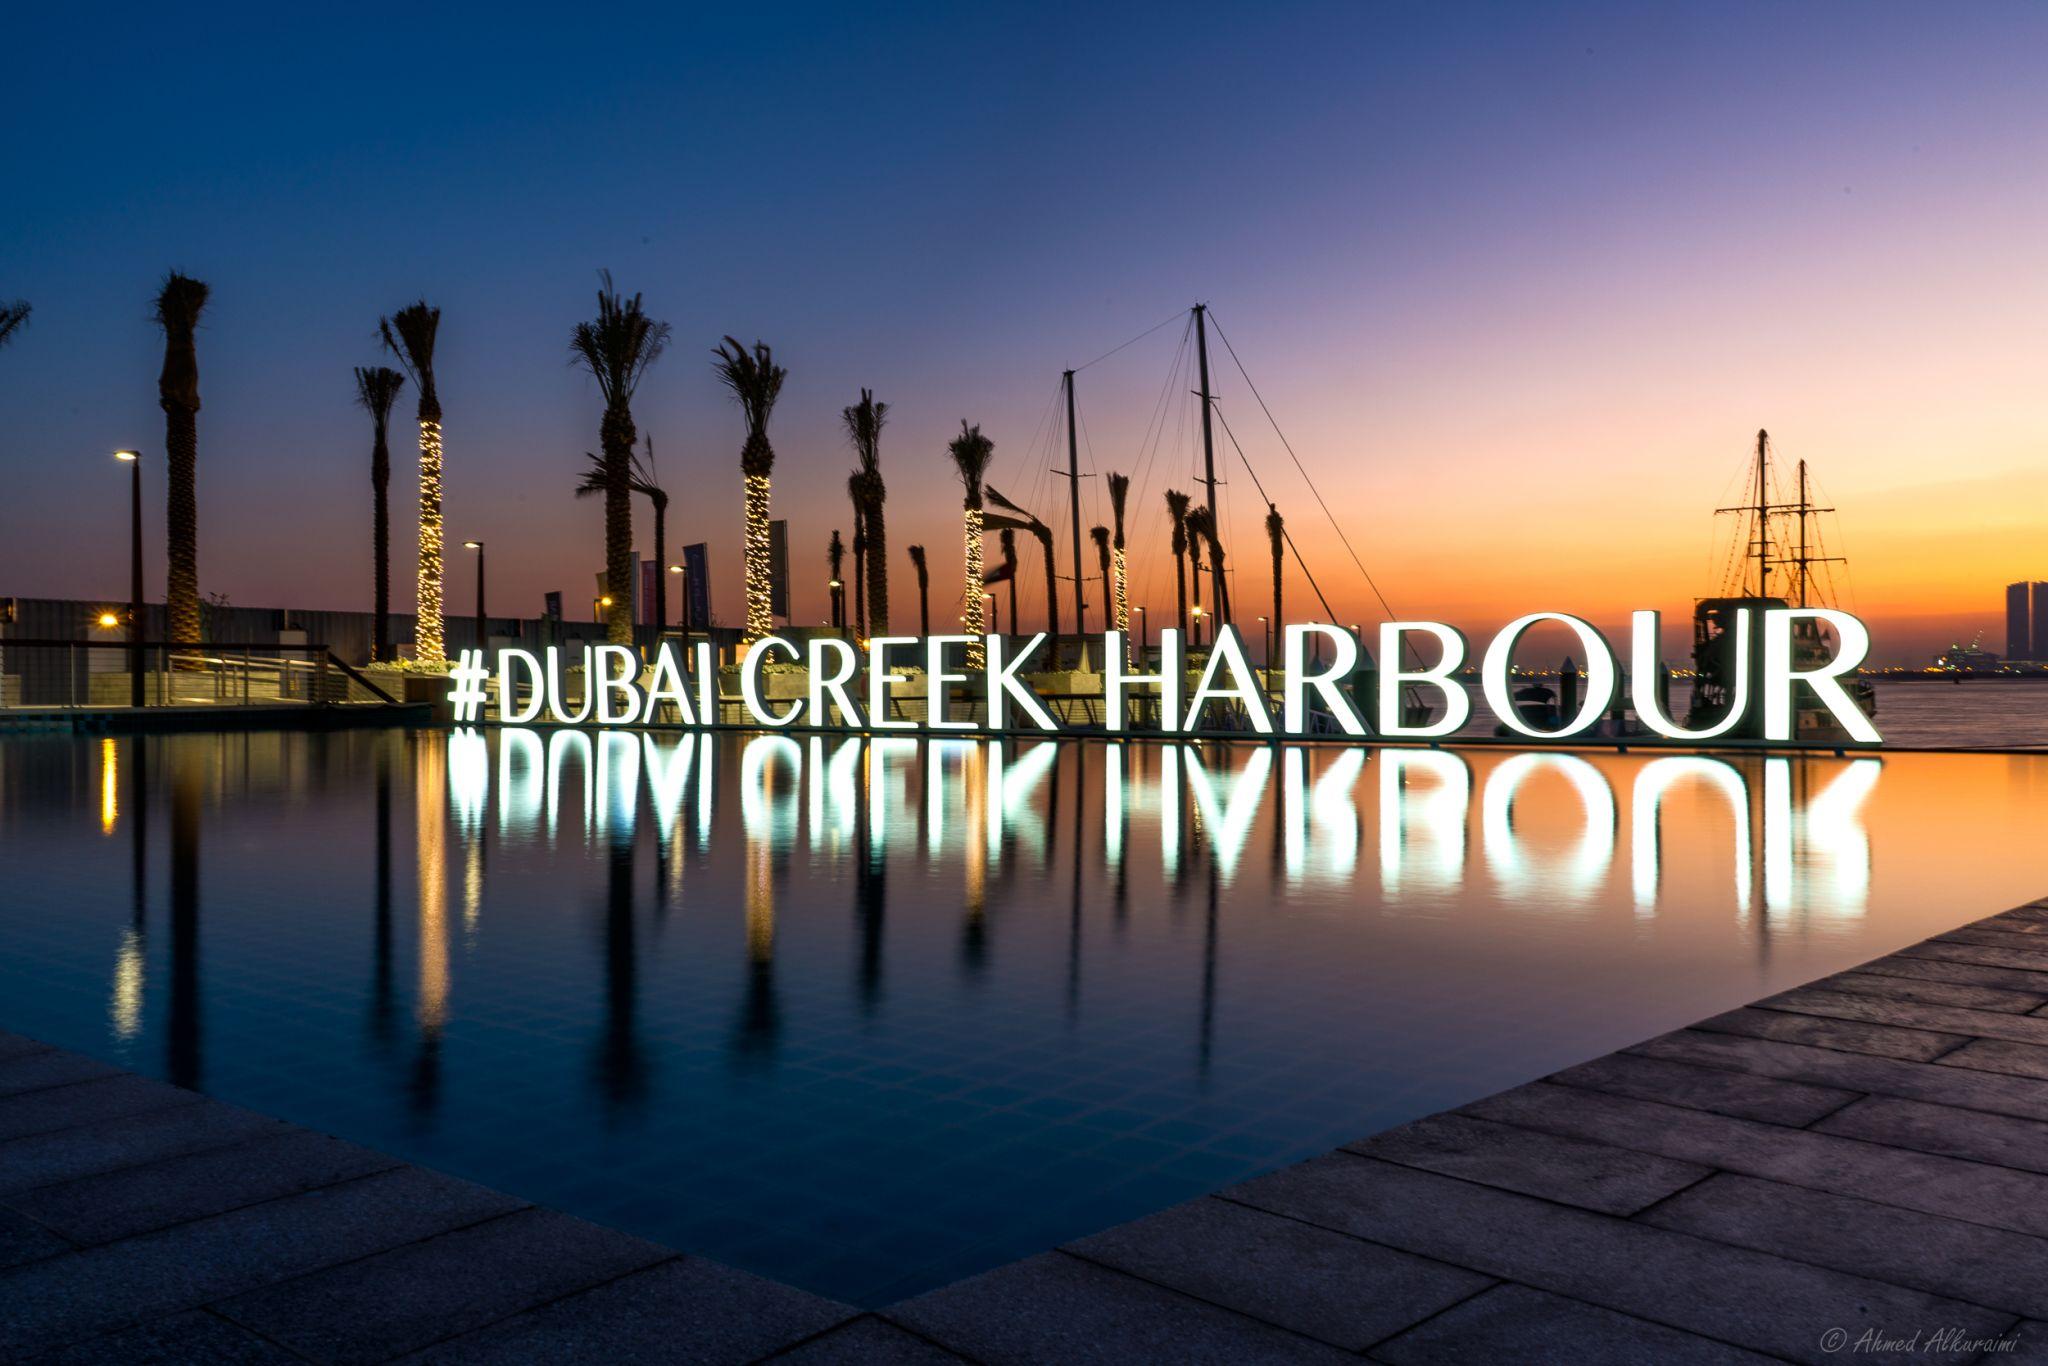 Dubai Creek - Studio52